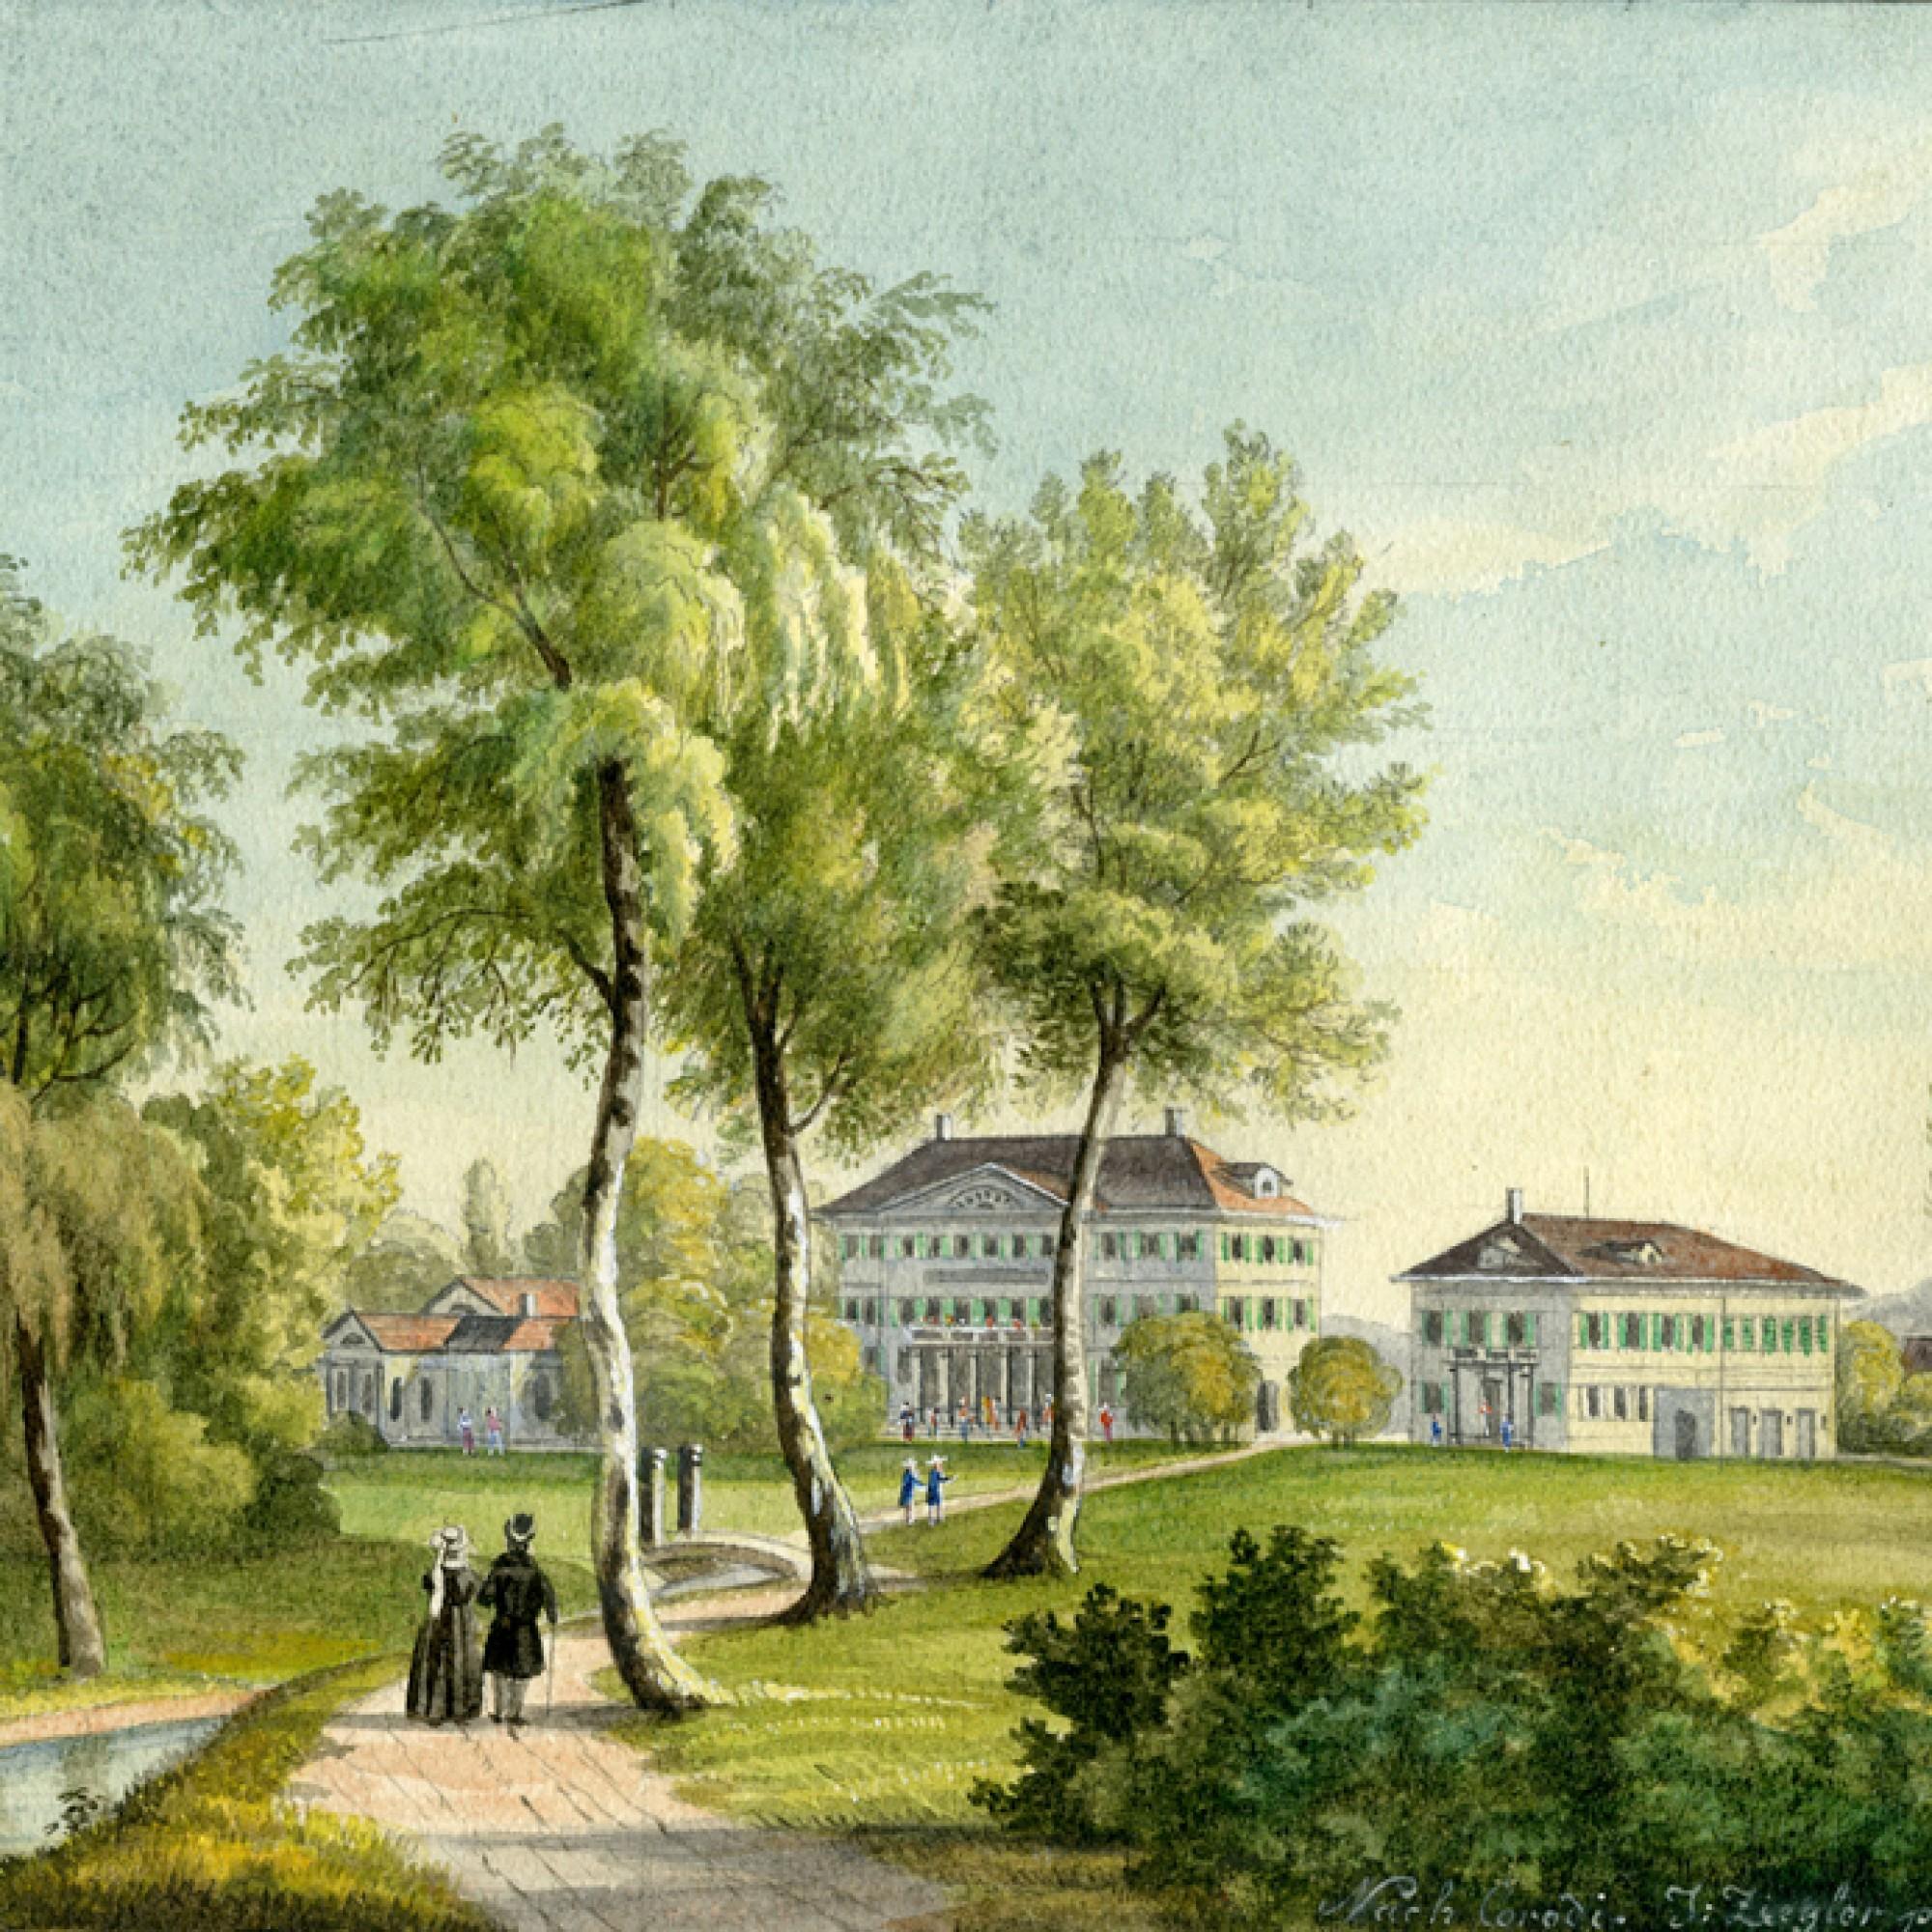 Der Winterthurer Adlerpark auf einer Darstellung von 1840. (winbib)